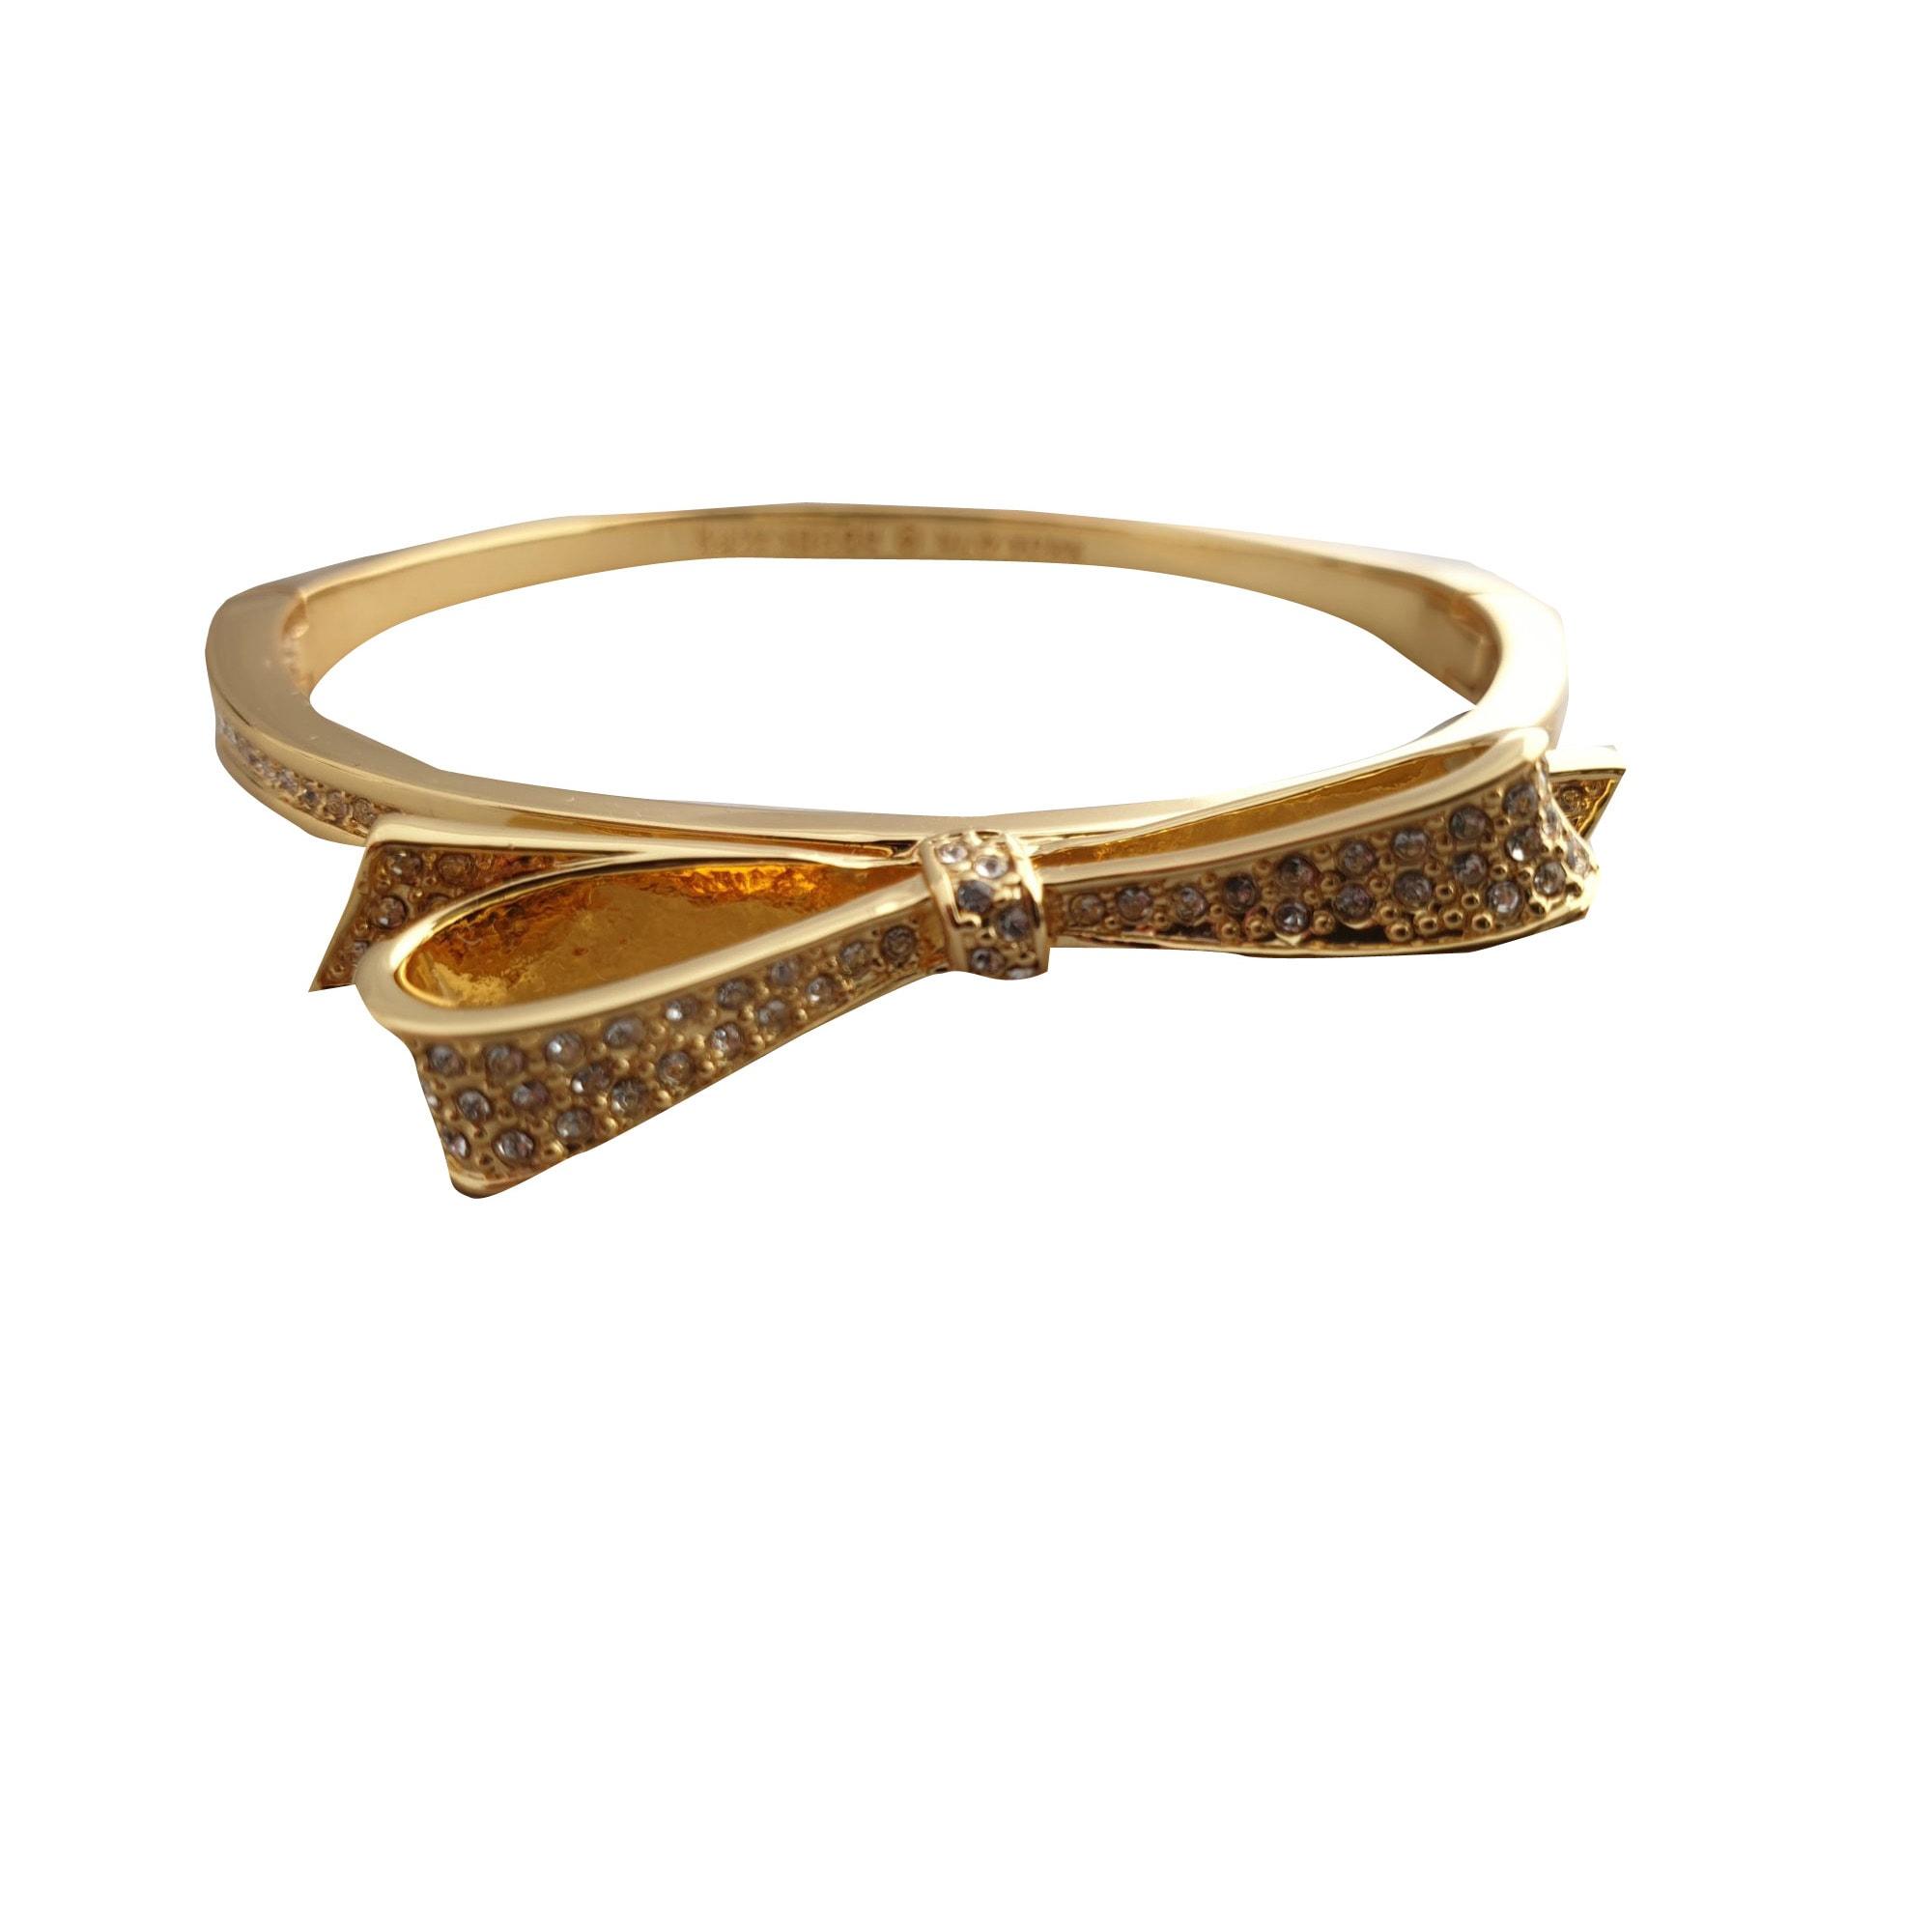 Parure bijoux KATE SPADE plaqué or doré